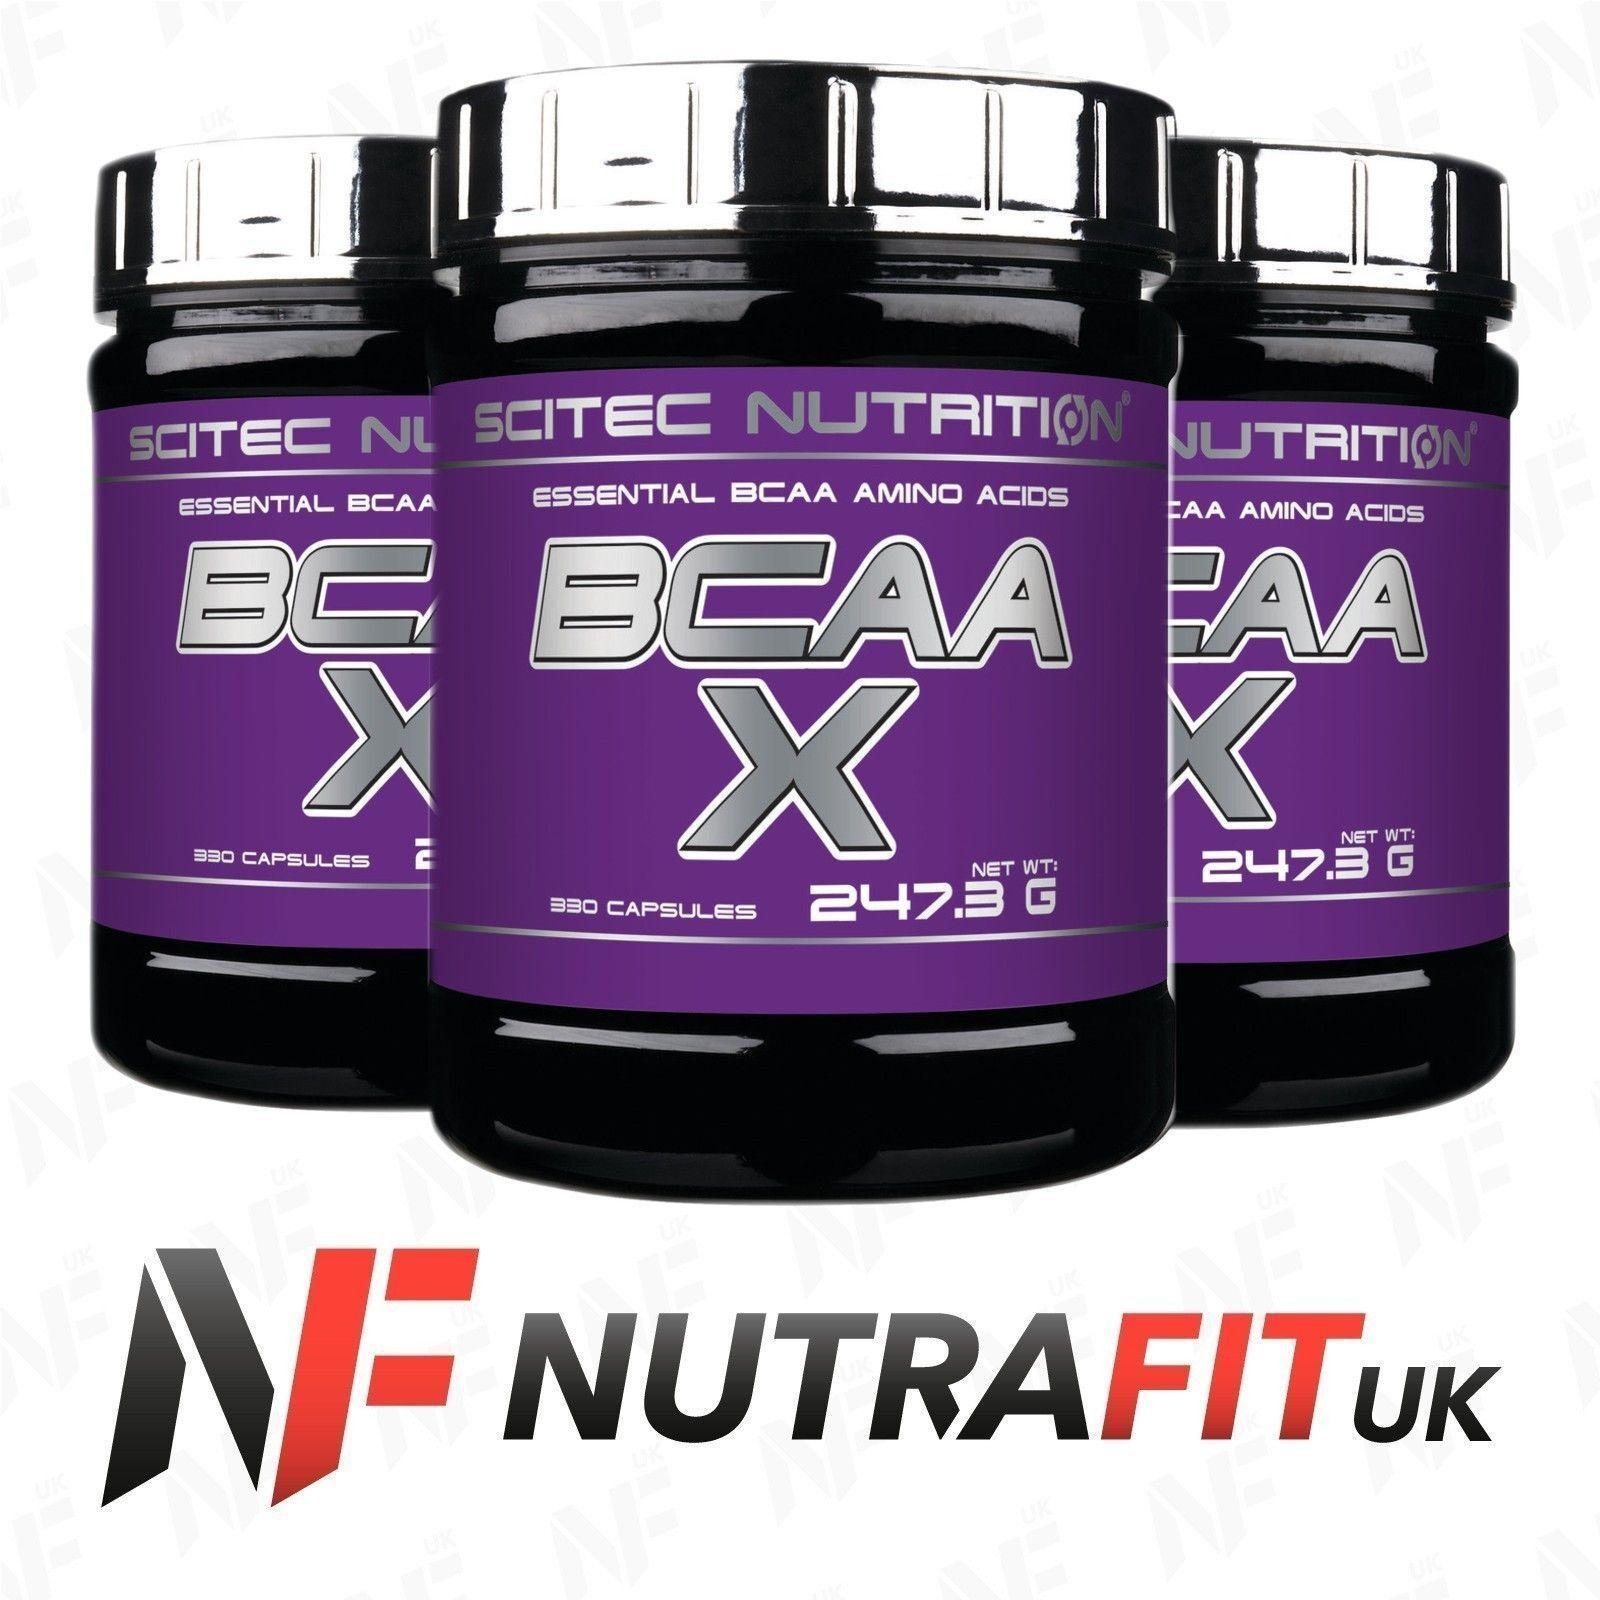 Scitec Nutrition Bcaa X 120 Capsules Essential Amino Acids Ultimate 500mg Caps Bodybuilding Ebay